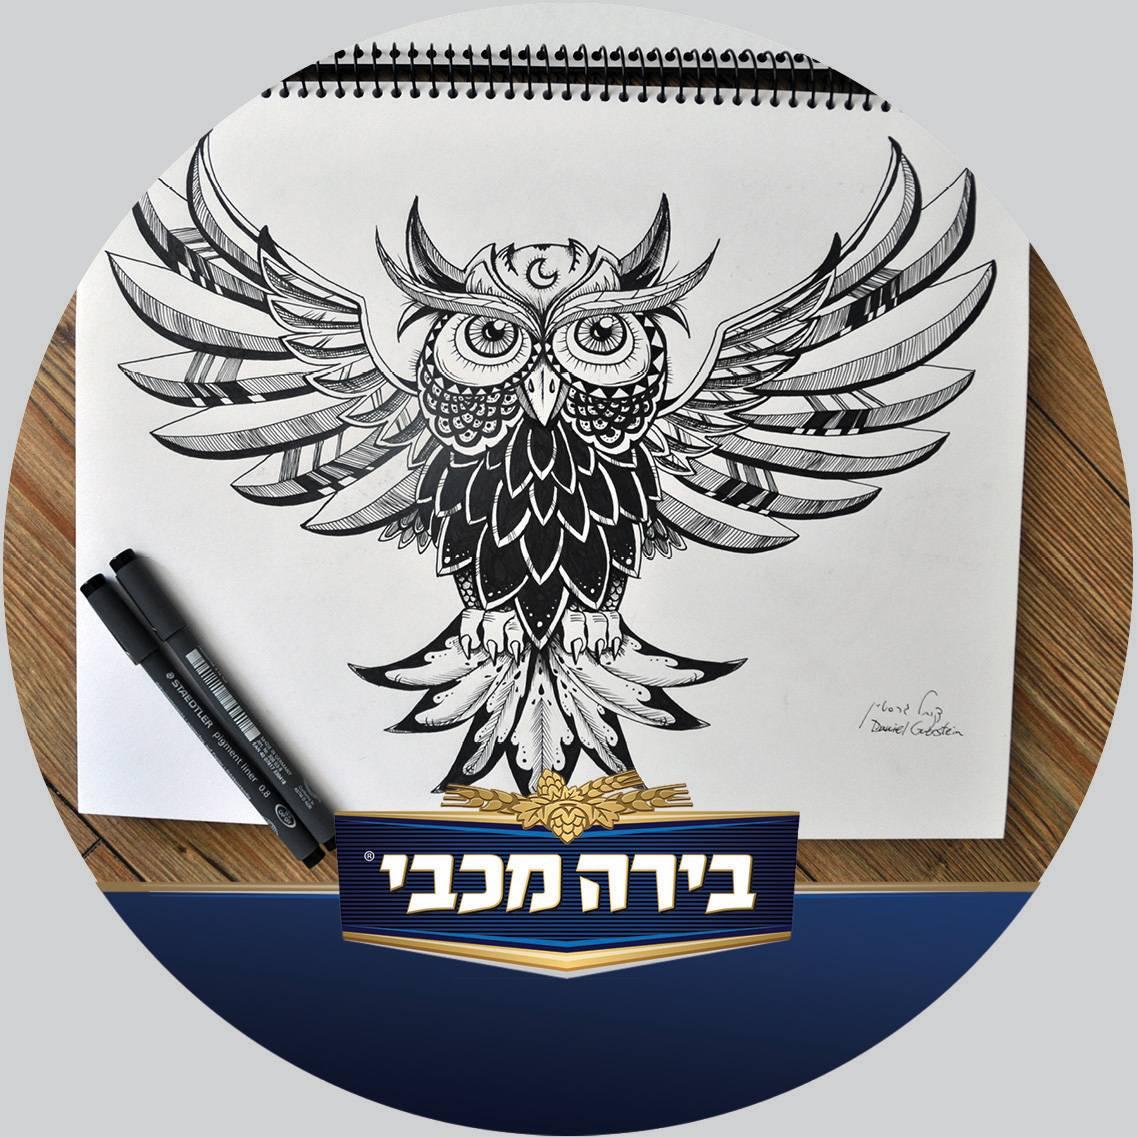 דניאל גרסטיין, בומי הינשוף2